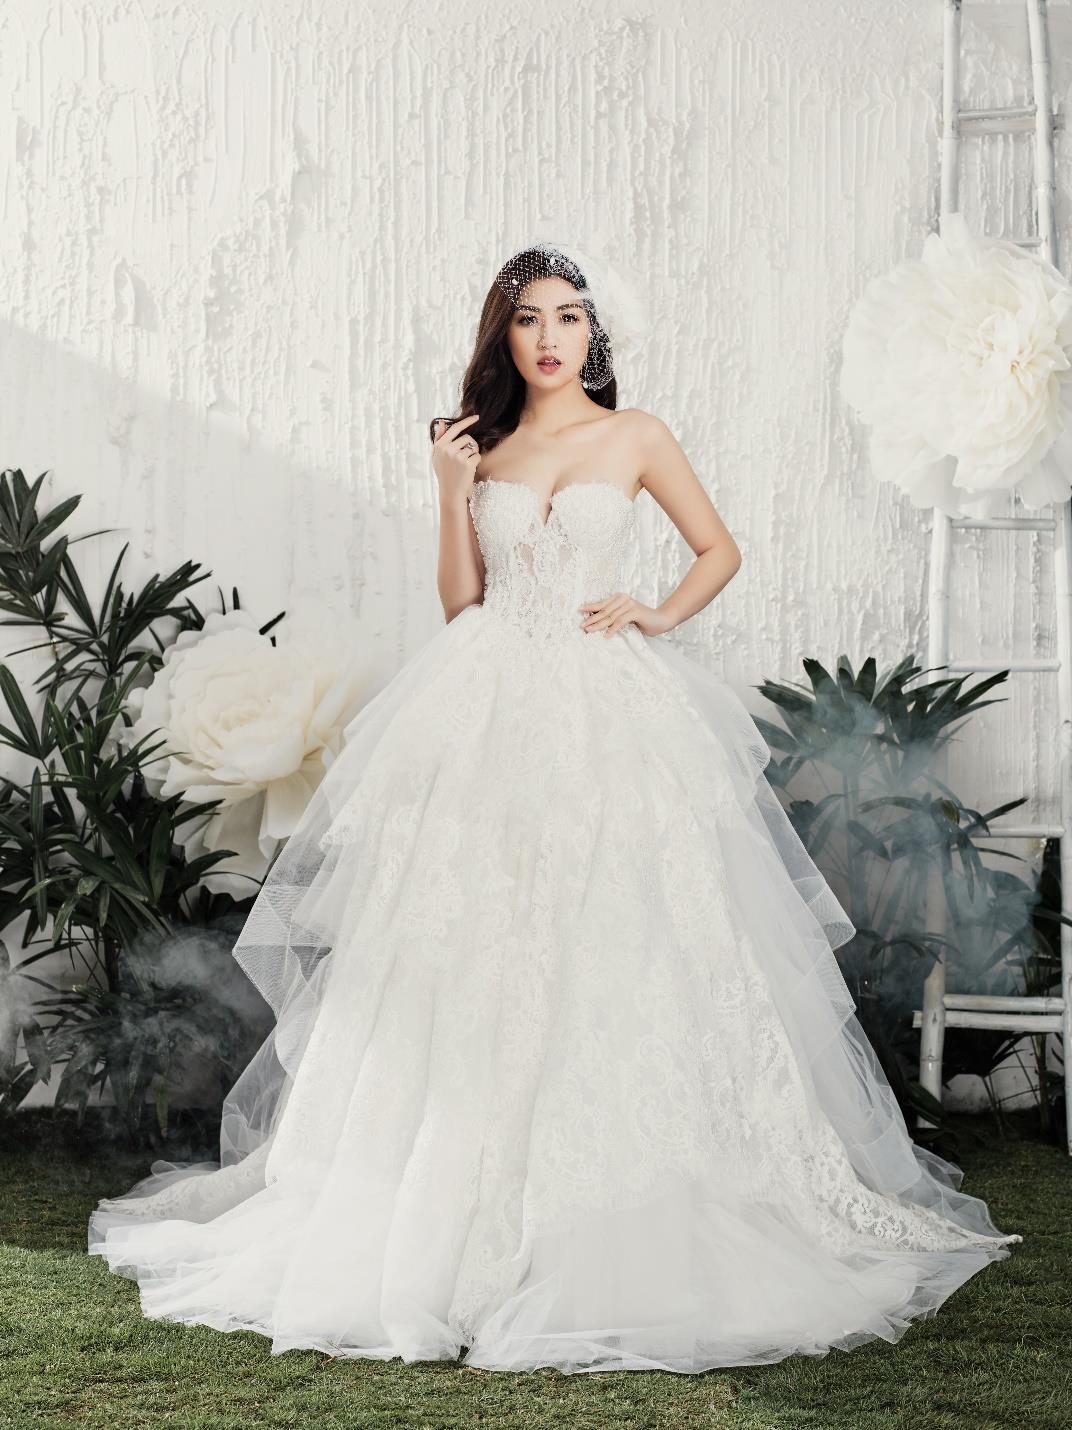 Á hậu Tú Anh đẹp thuần khiết trong BST váy cưới 2017 của Hacchic Bridal - Ảnh 2.